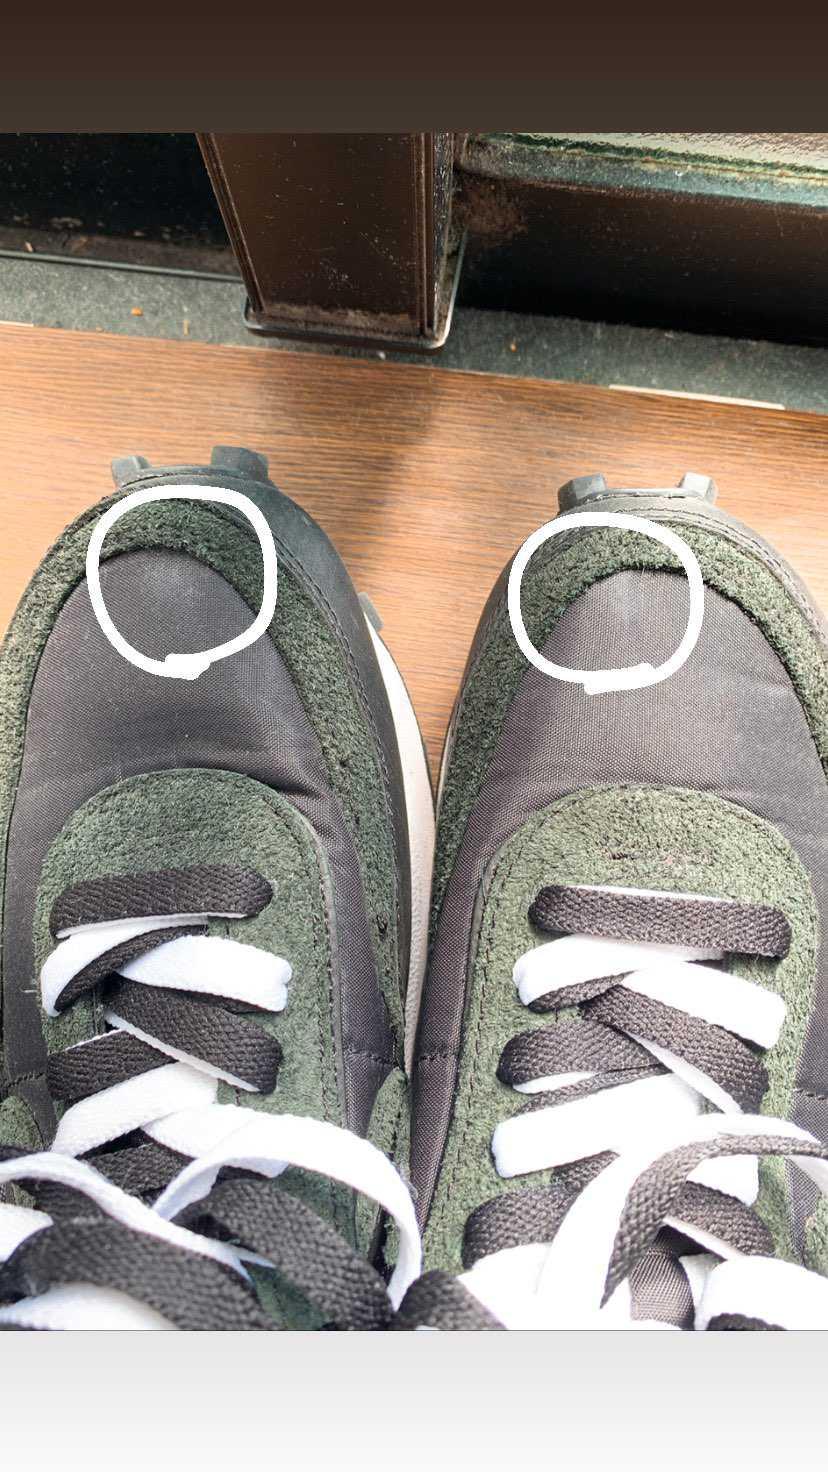 サカイ3rdの黒を履いてたら親指が当たる部分(白で囲ってある部分)の裏地が破れて